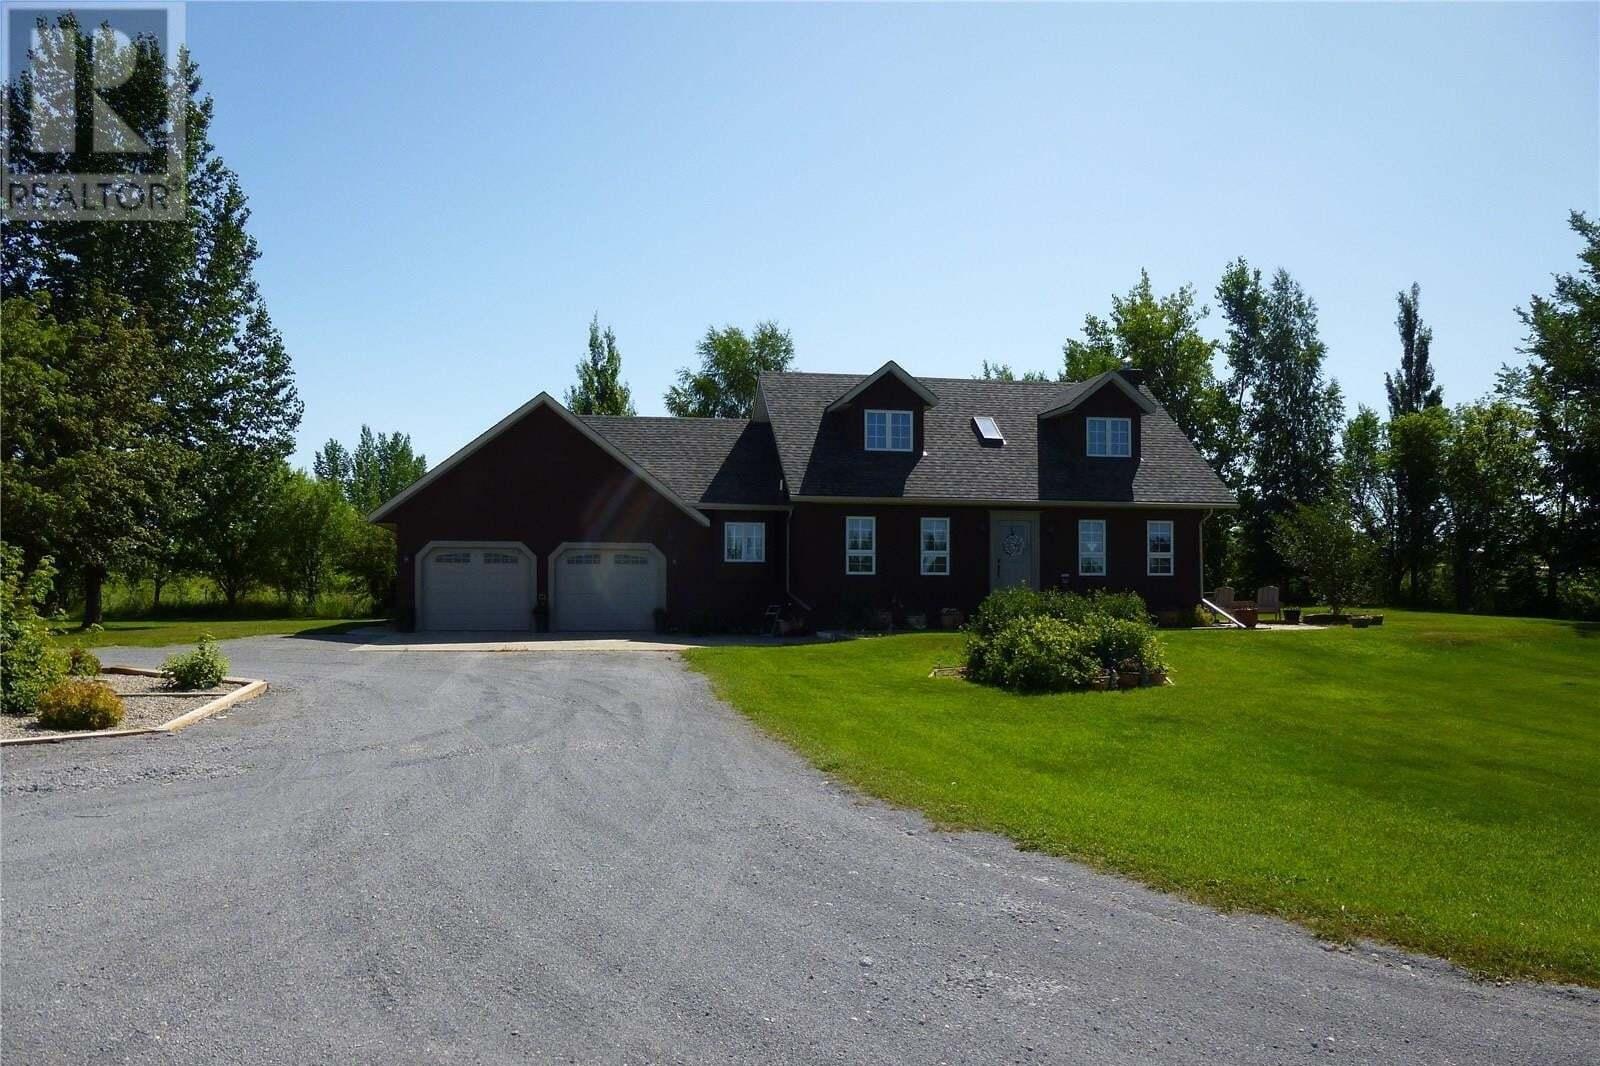 House for sale at 6 Amarillo Ln Pilot Butte Saskatchewan - MLS: SK805399